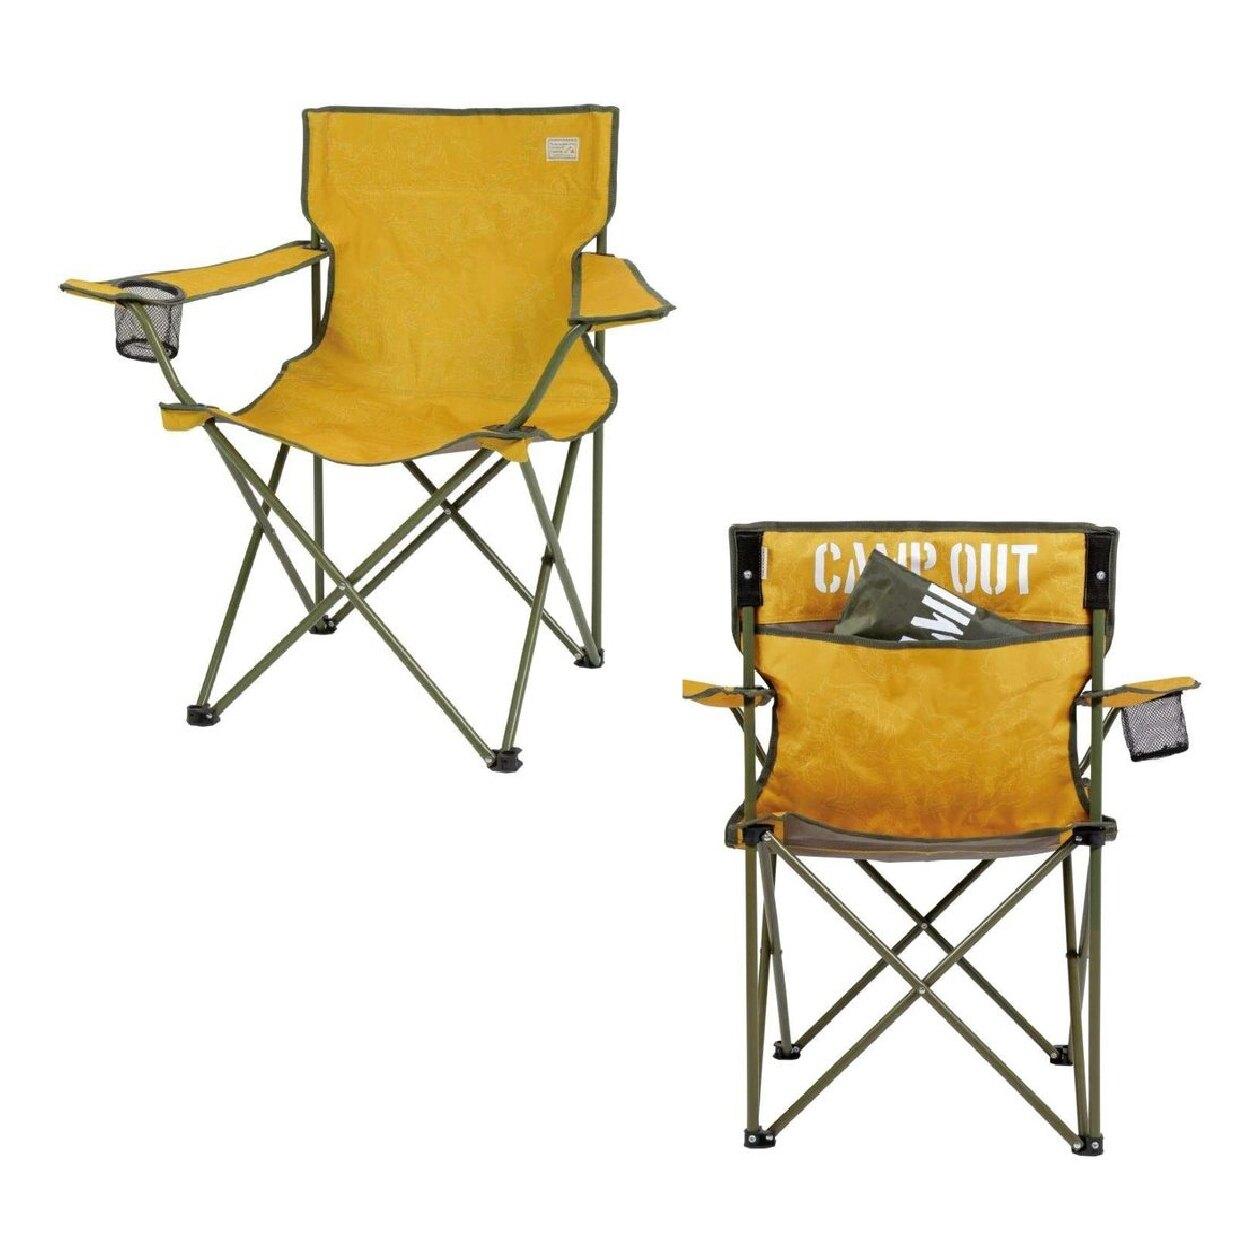 【日本鹿牌】鹿牌 等高線休閒椅 UC-1805 露營椅 休閒椅 摺疊椅 便攜椅 單人 釣魚 居家 露營 野餐 悠遊戶外